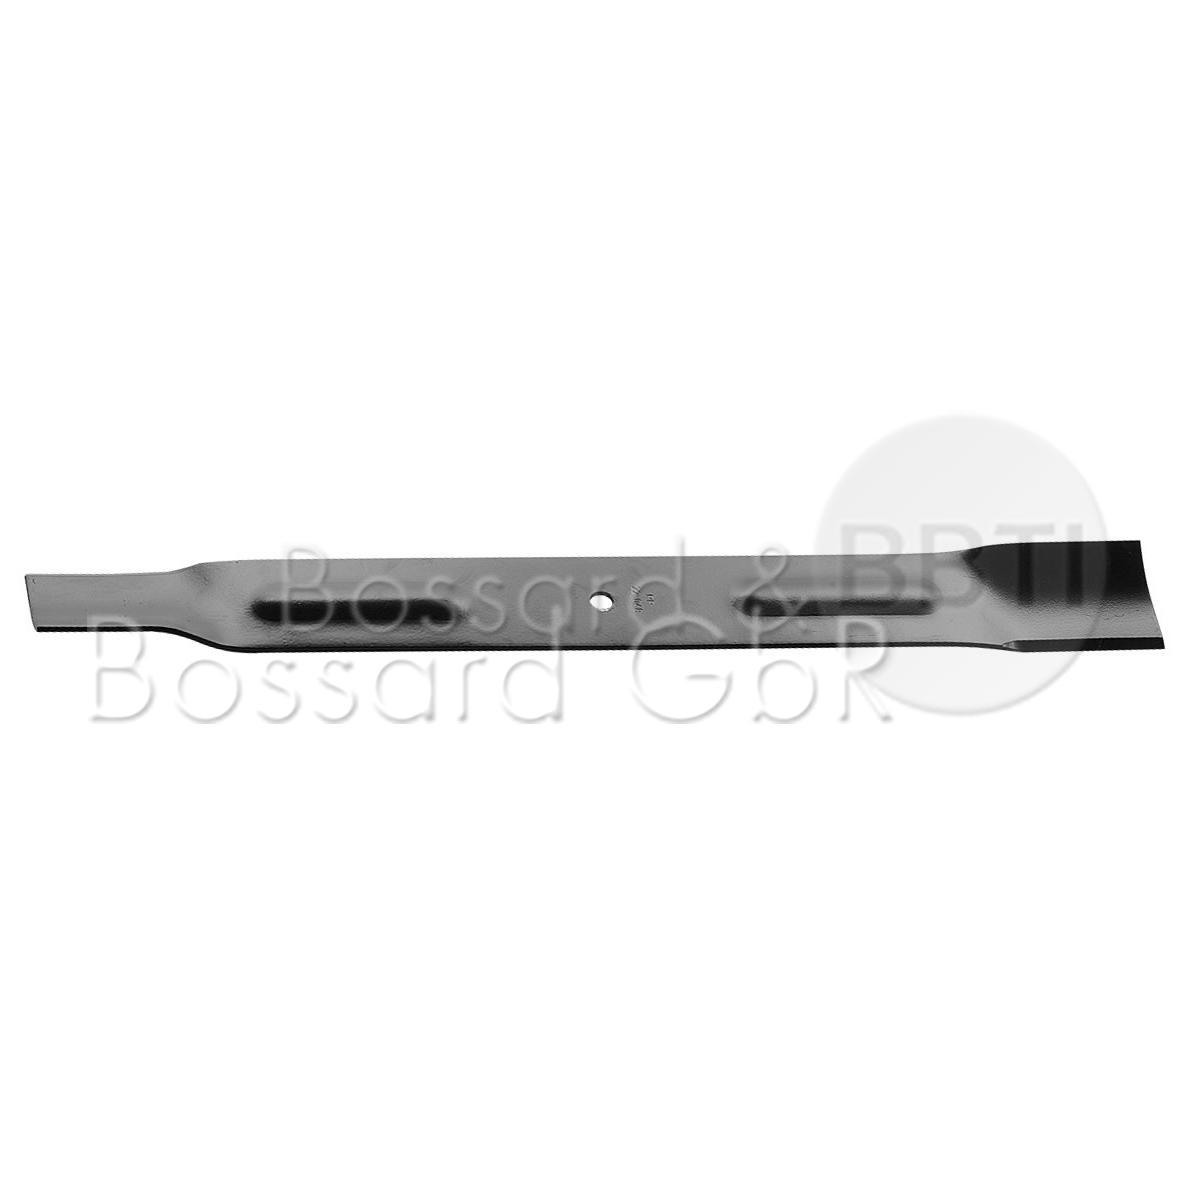 ersetzt AL-KO 300130 für 30 48 S 48 BS 4800 BS Oregon Ersatzmesser 48,5 cm